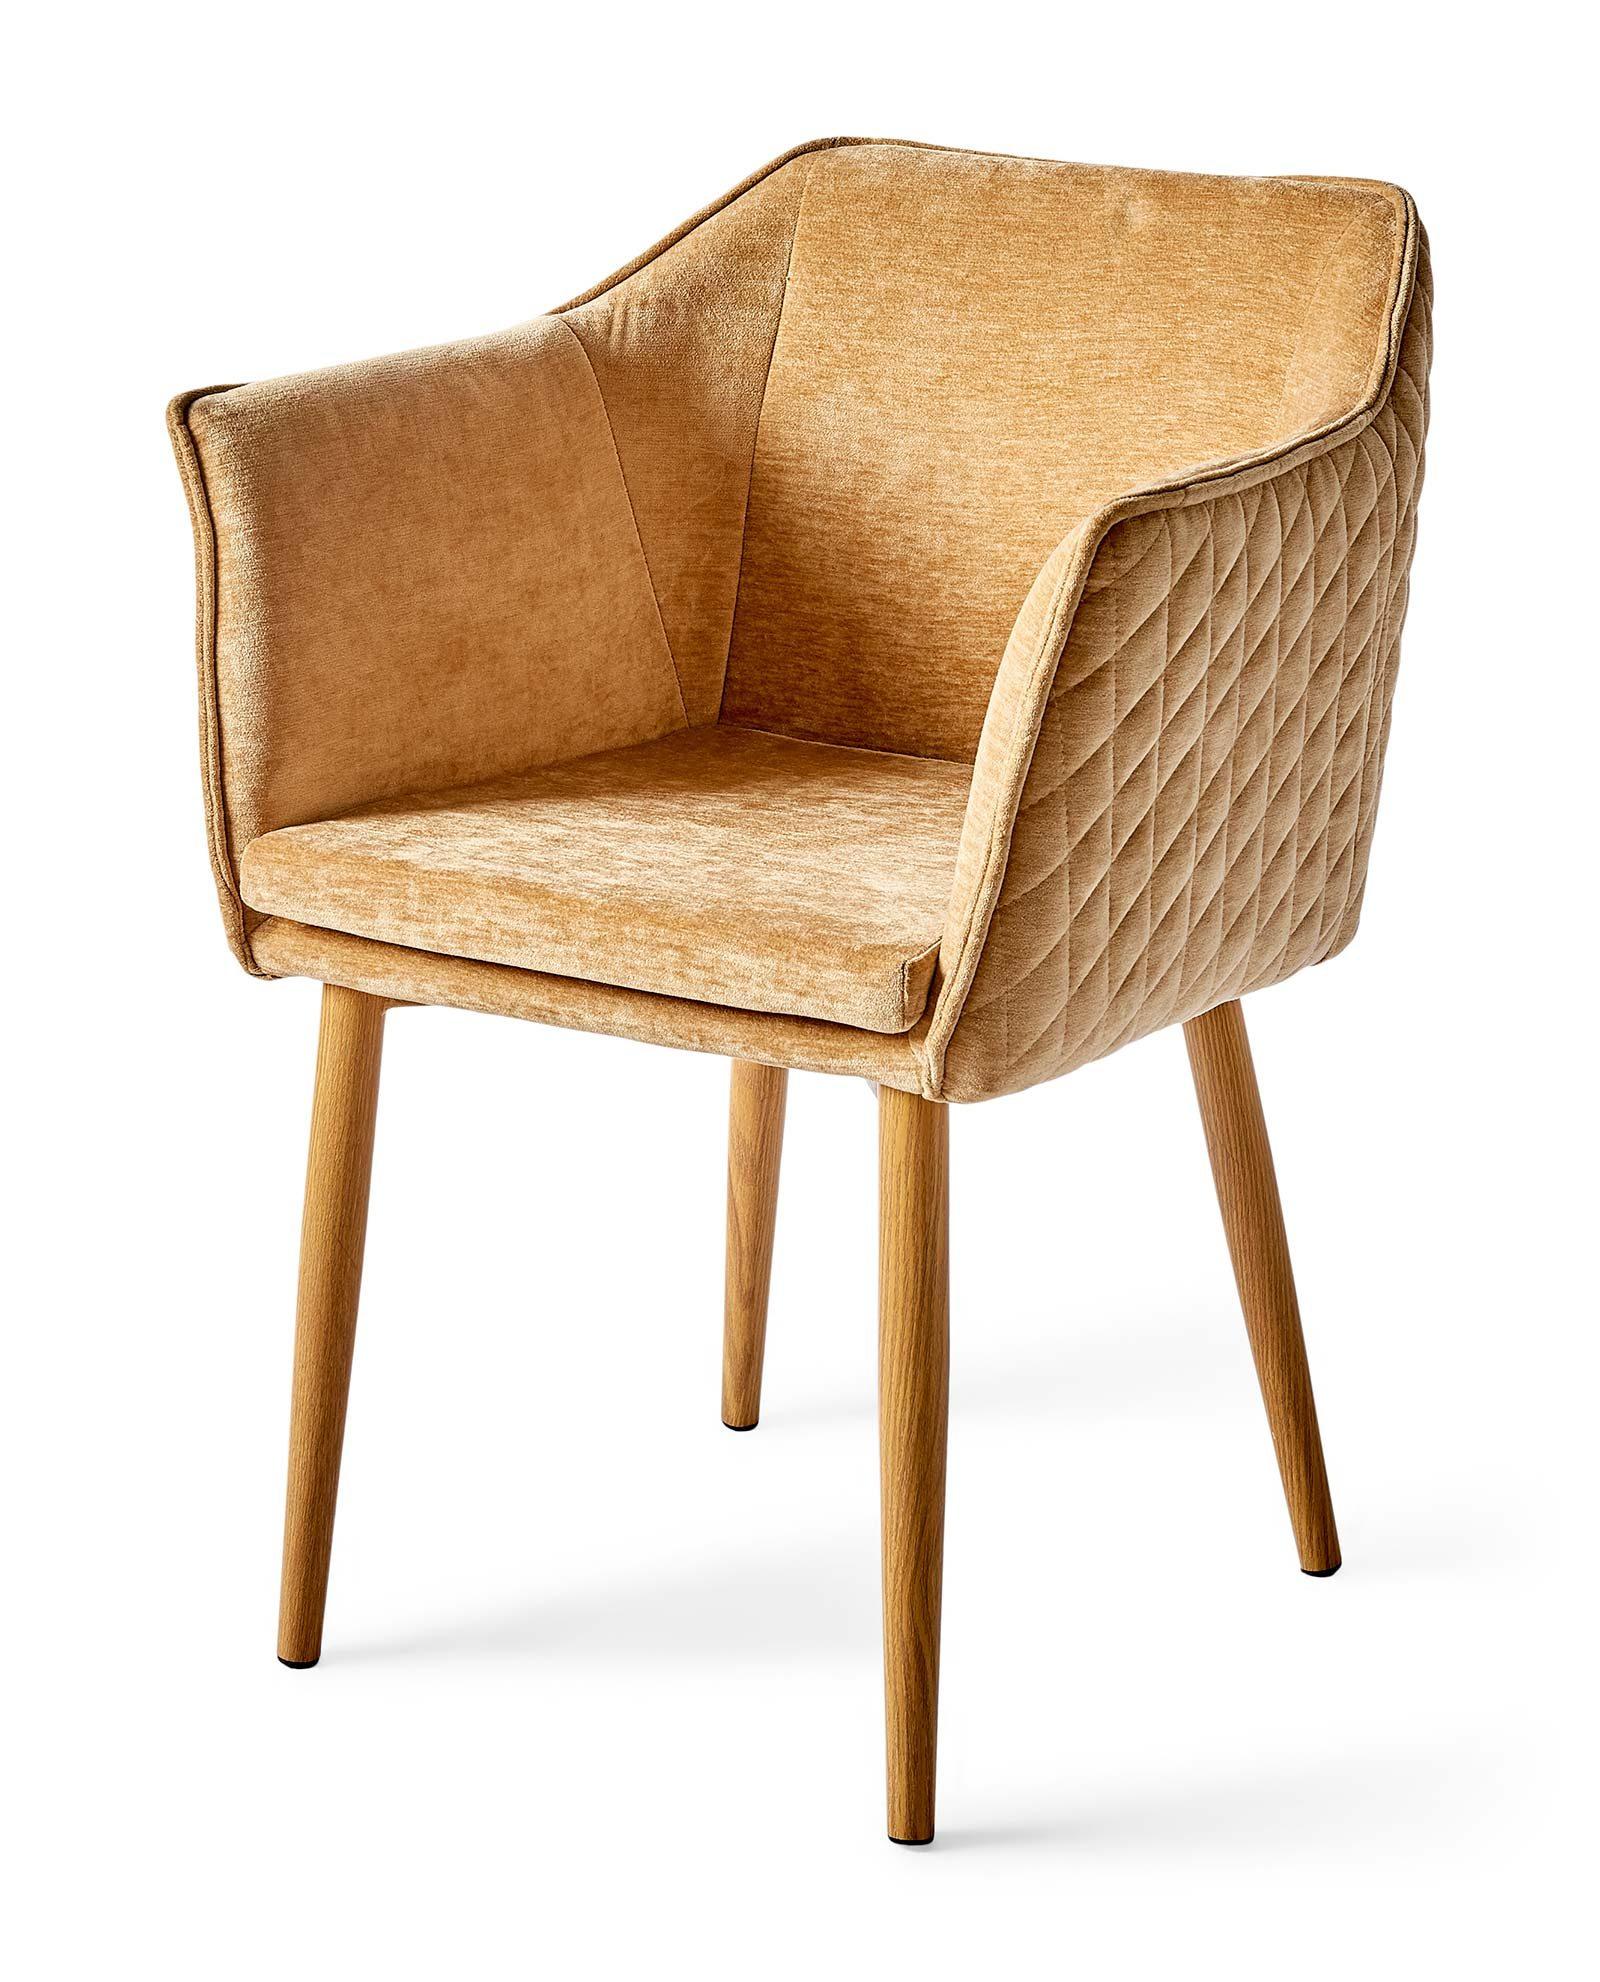 Riviera Maison armchair Megan Copper 4159006 1